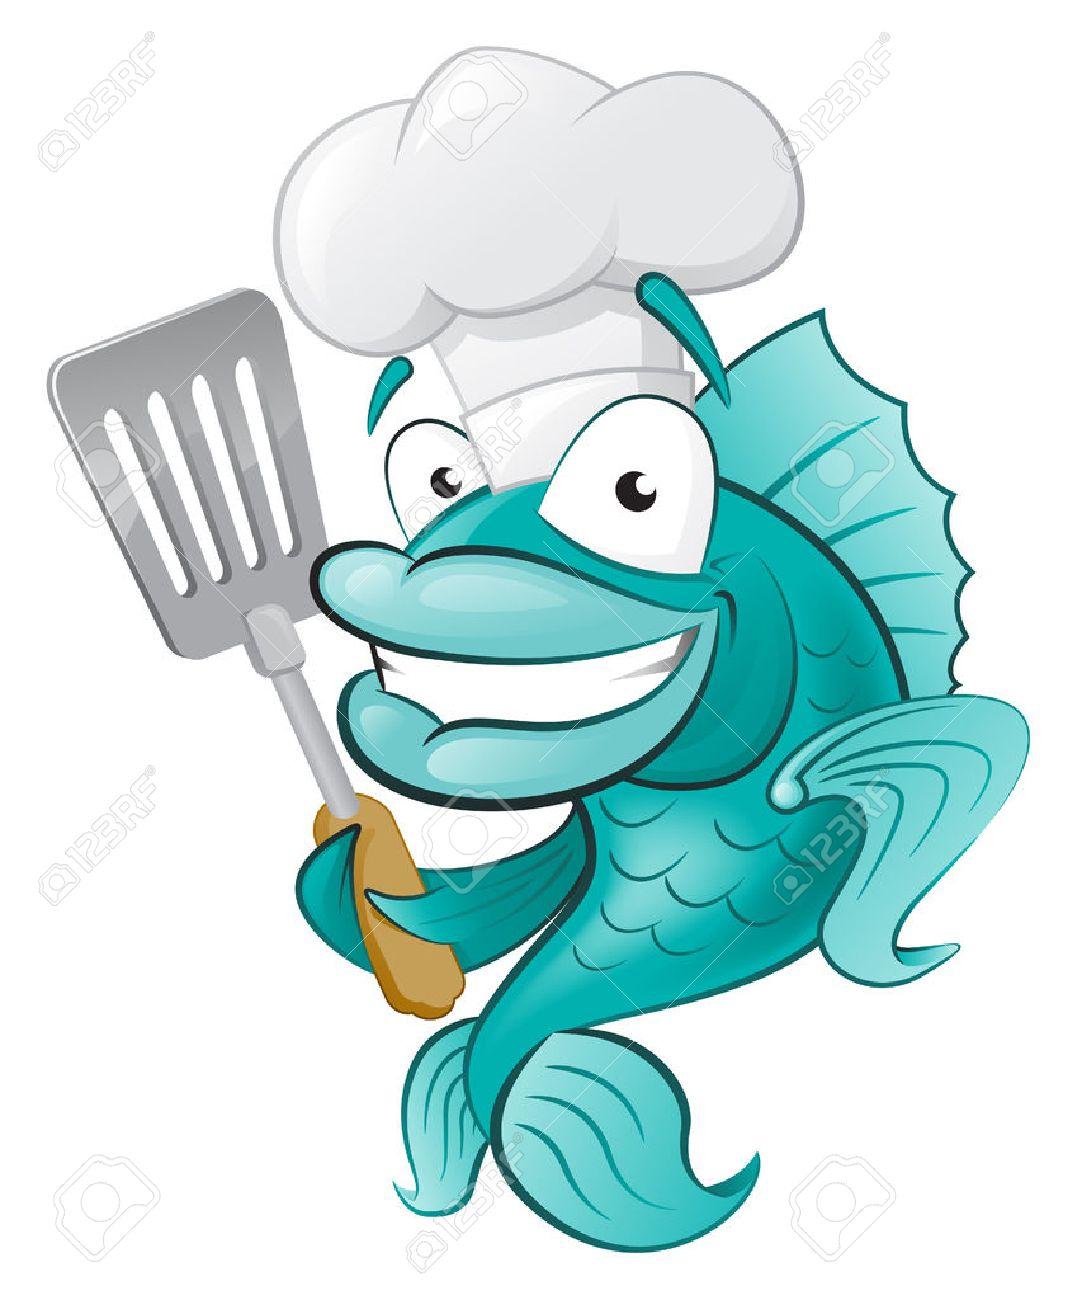 Cartoon Fish Stock Photos And Images - 123RF